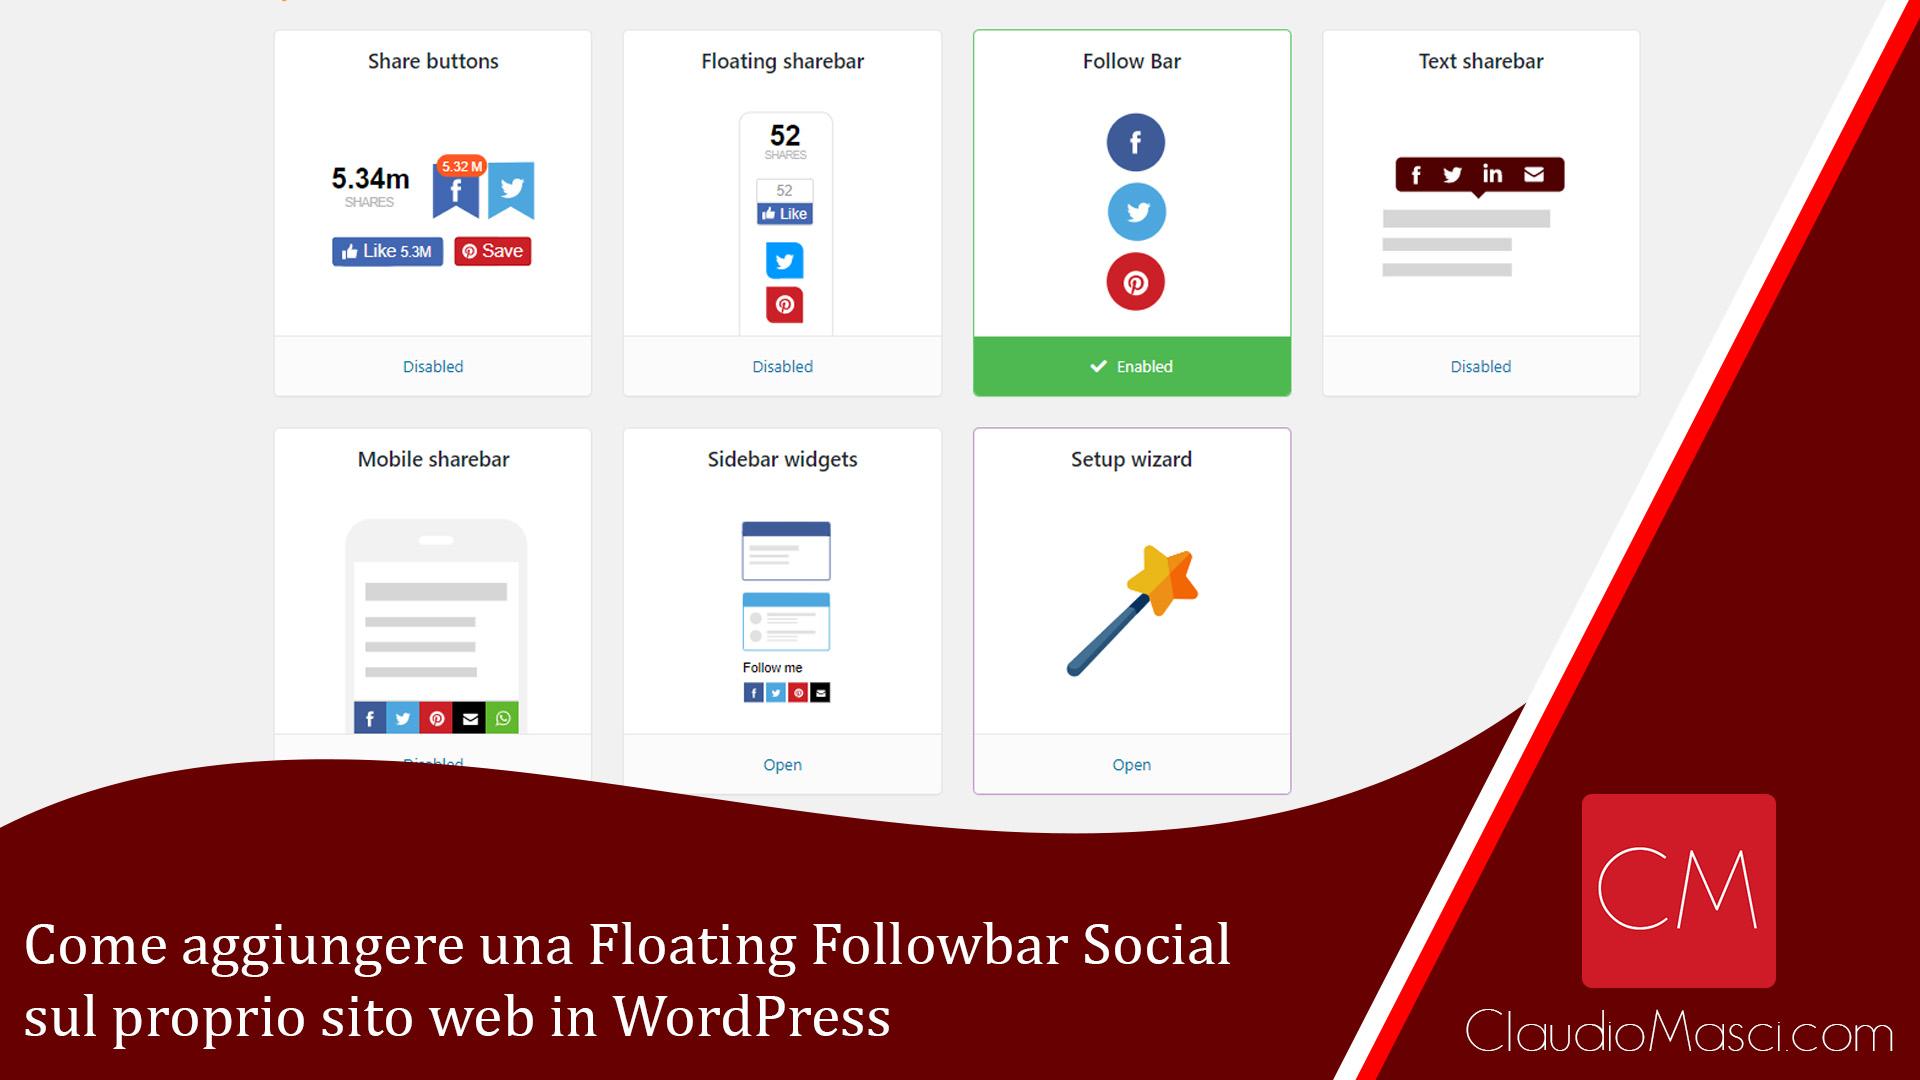 Come aggiungere una Floating Followbar Social sul proprio sito web in WordPress